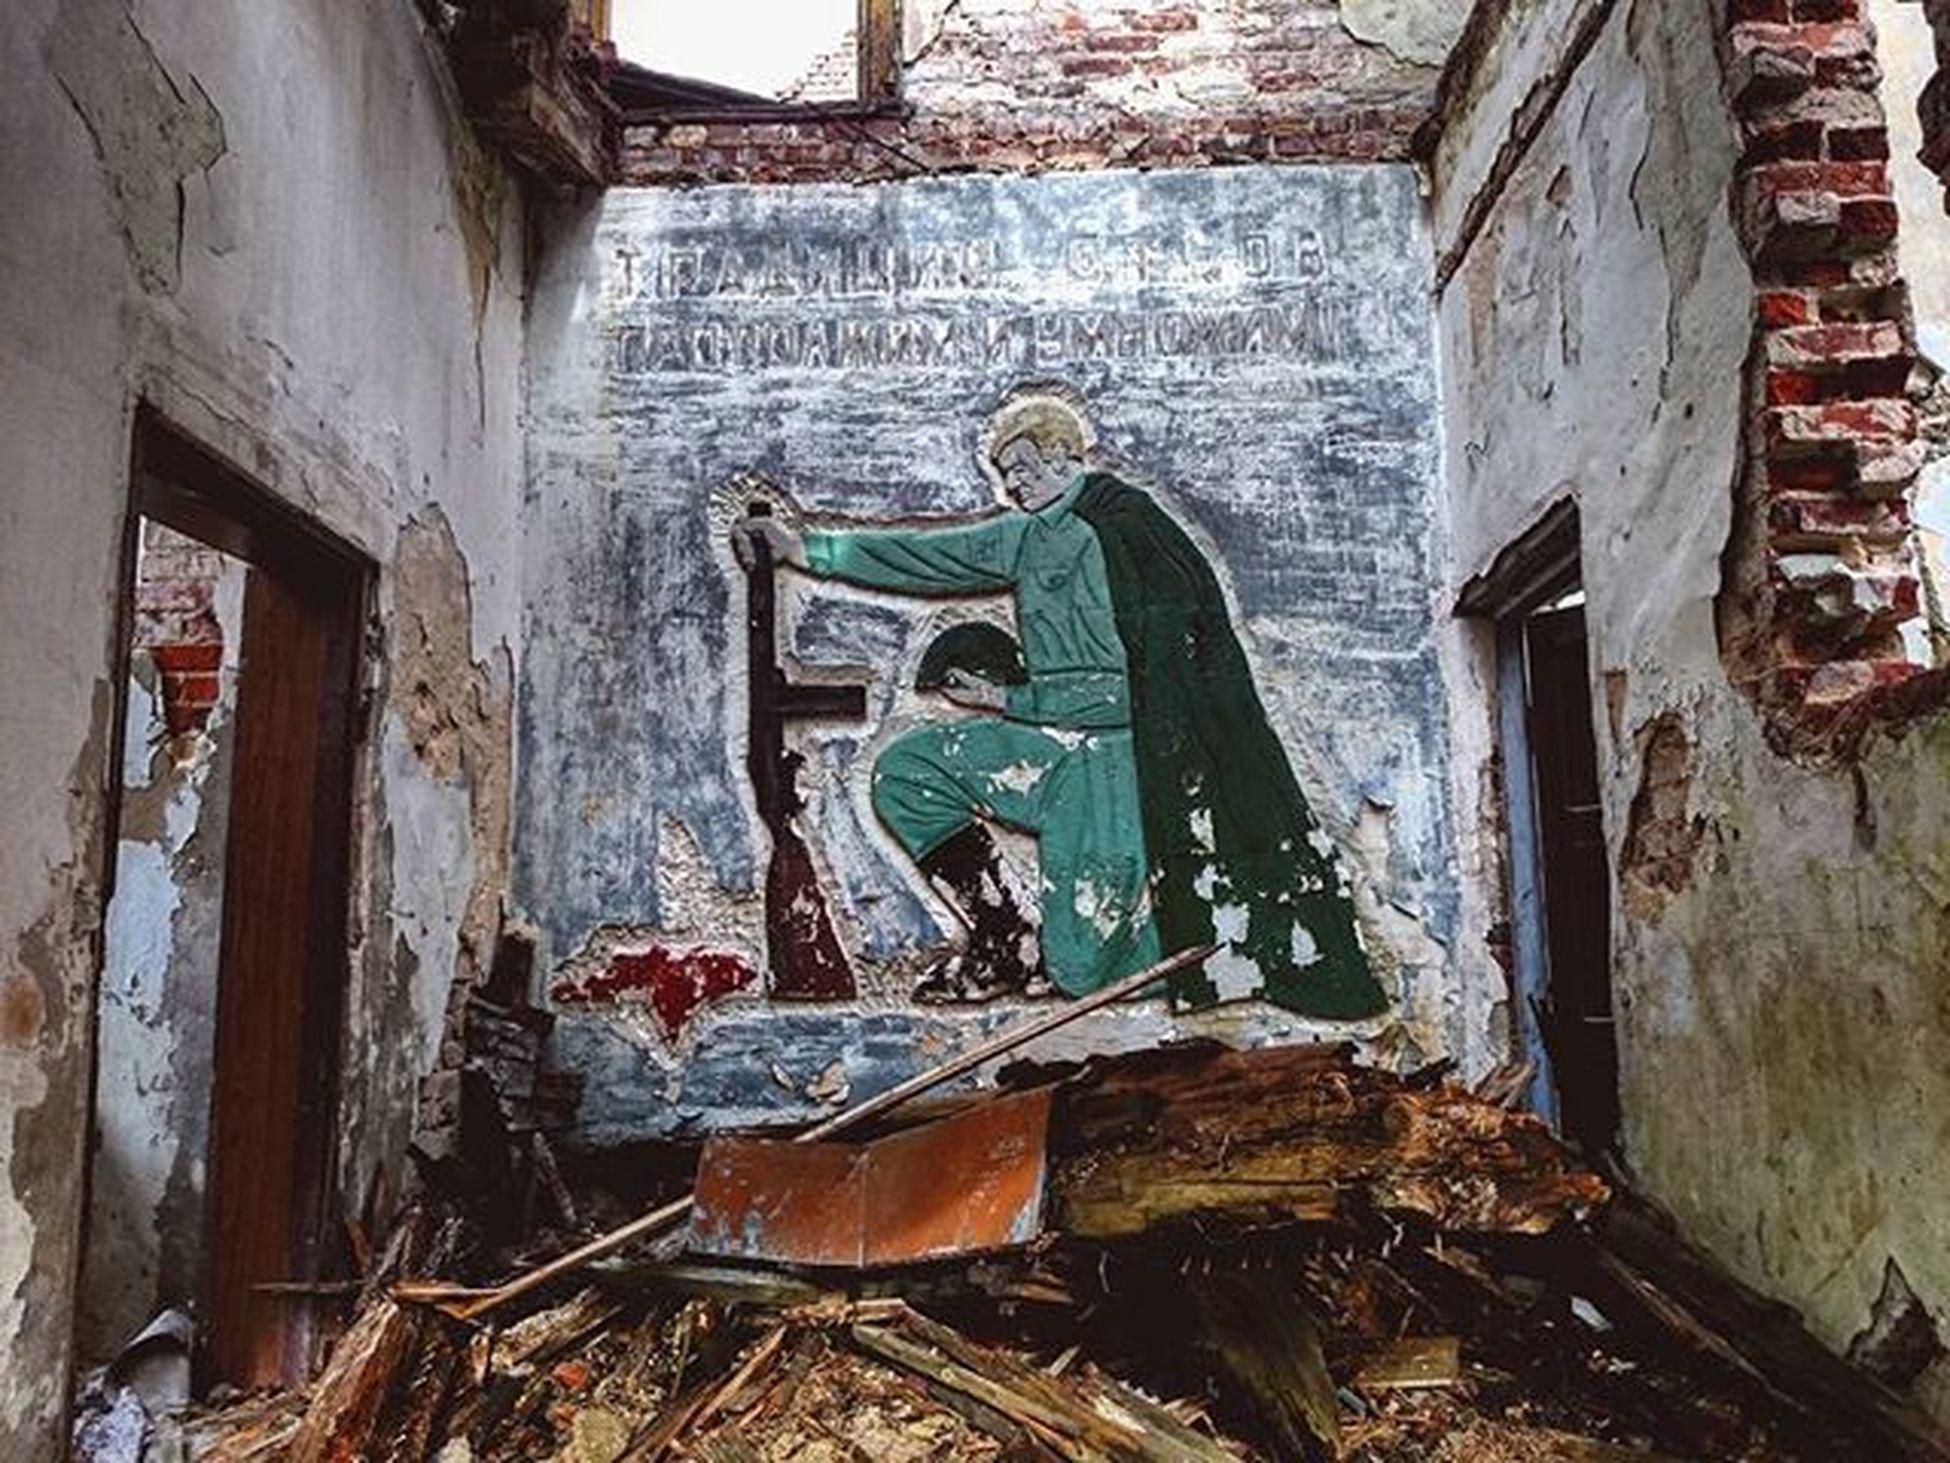 Pstrąże Strachów Terenwojskowy Zakazwstepu Radziecki żołnierz Bron Opuszczone Urbex Militaryarea Keepout Soviet Soldier Weapon Abandoned UrbanART ZSRR Urbanexploration